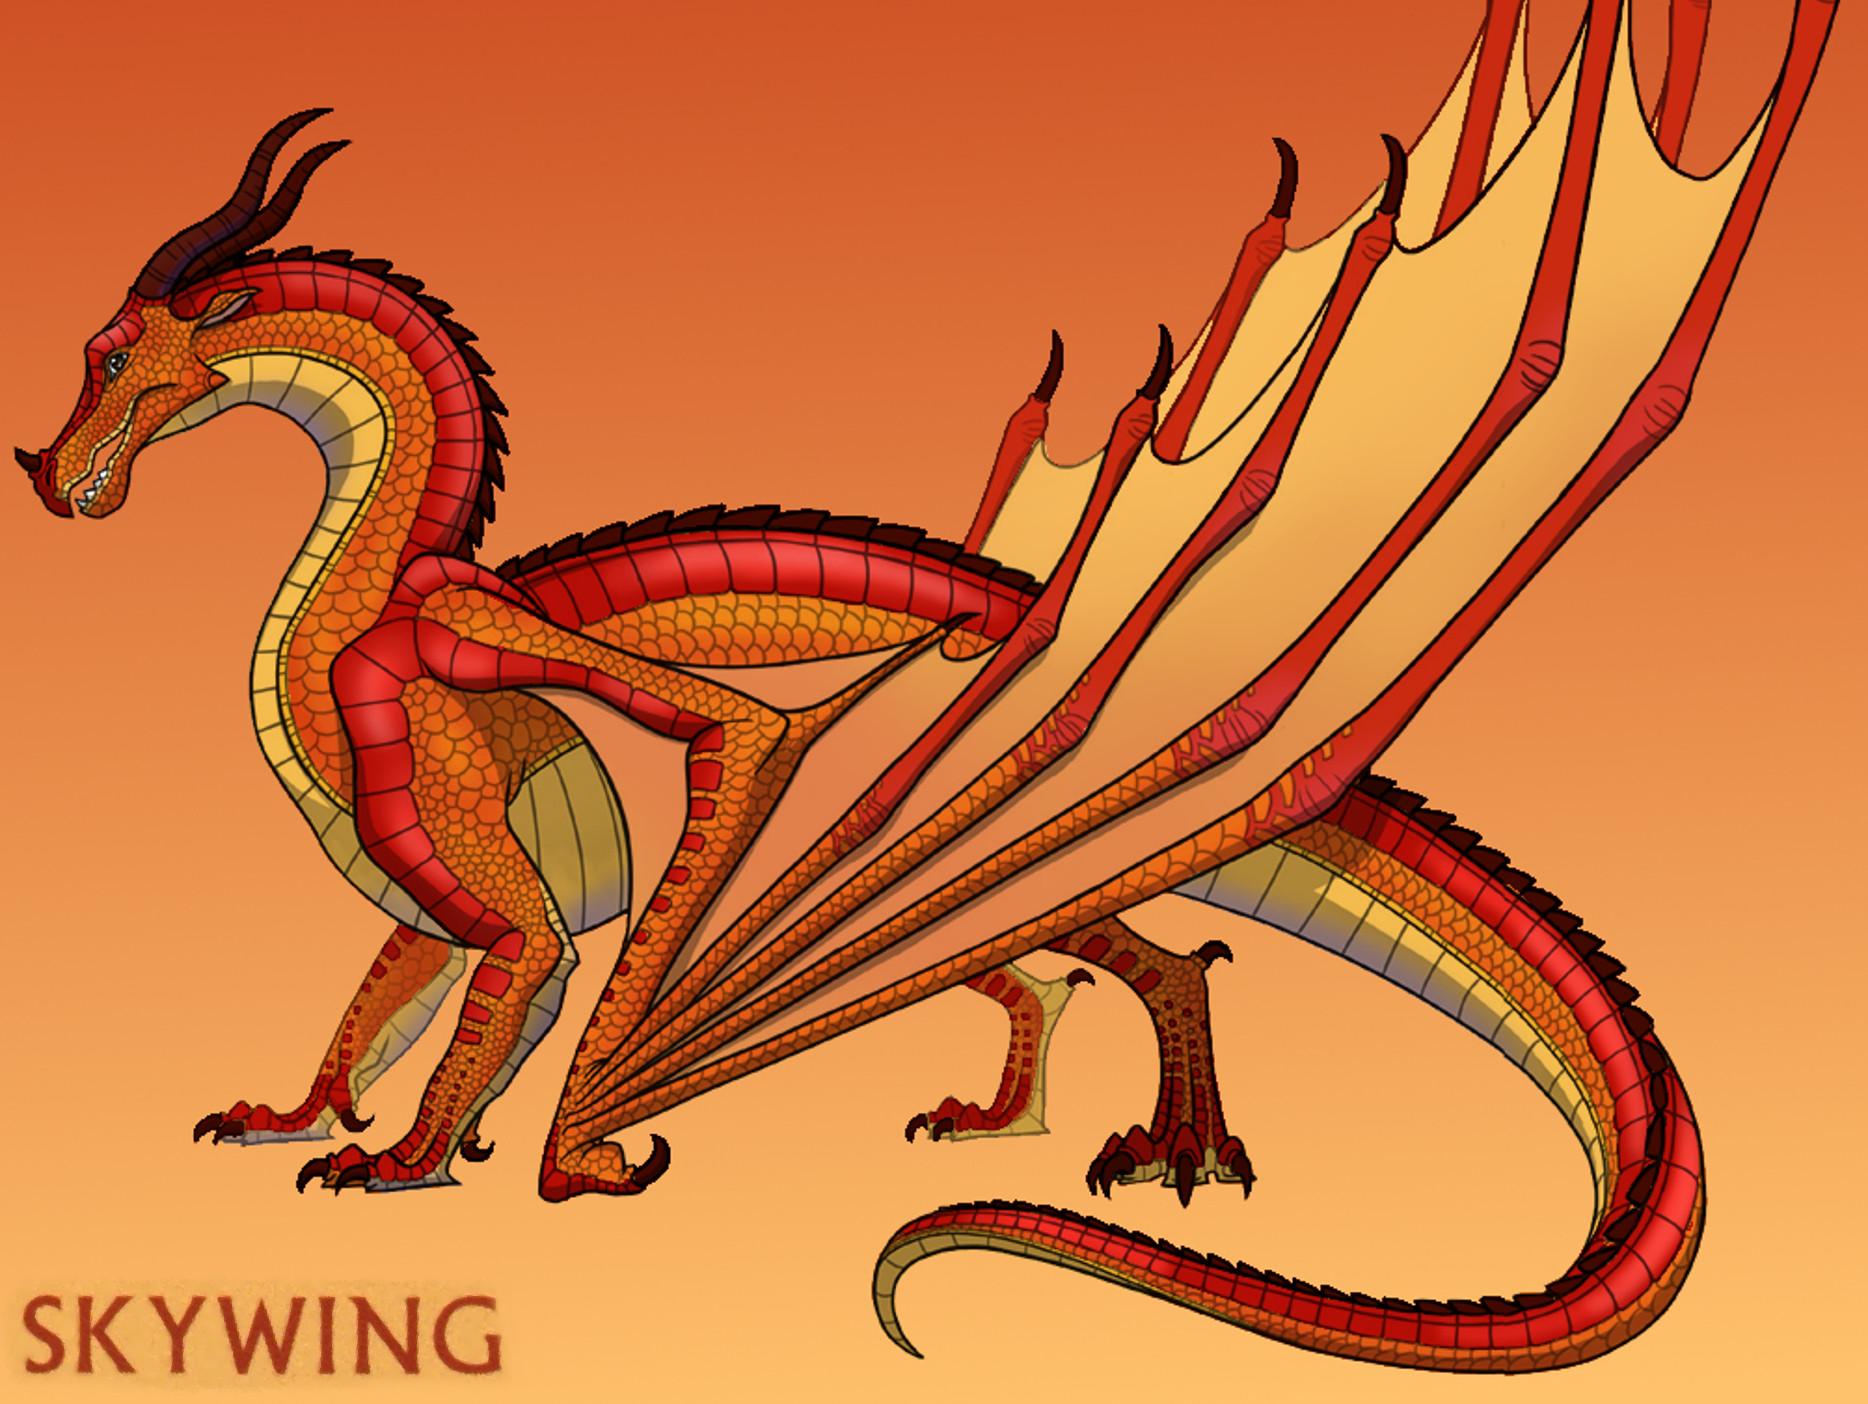 Guide complet des races de dragons, par Nargavedjo. Latest?cb=20160718144825